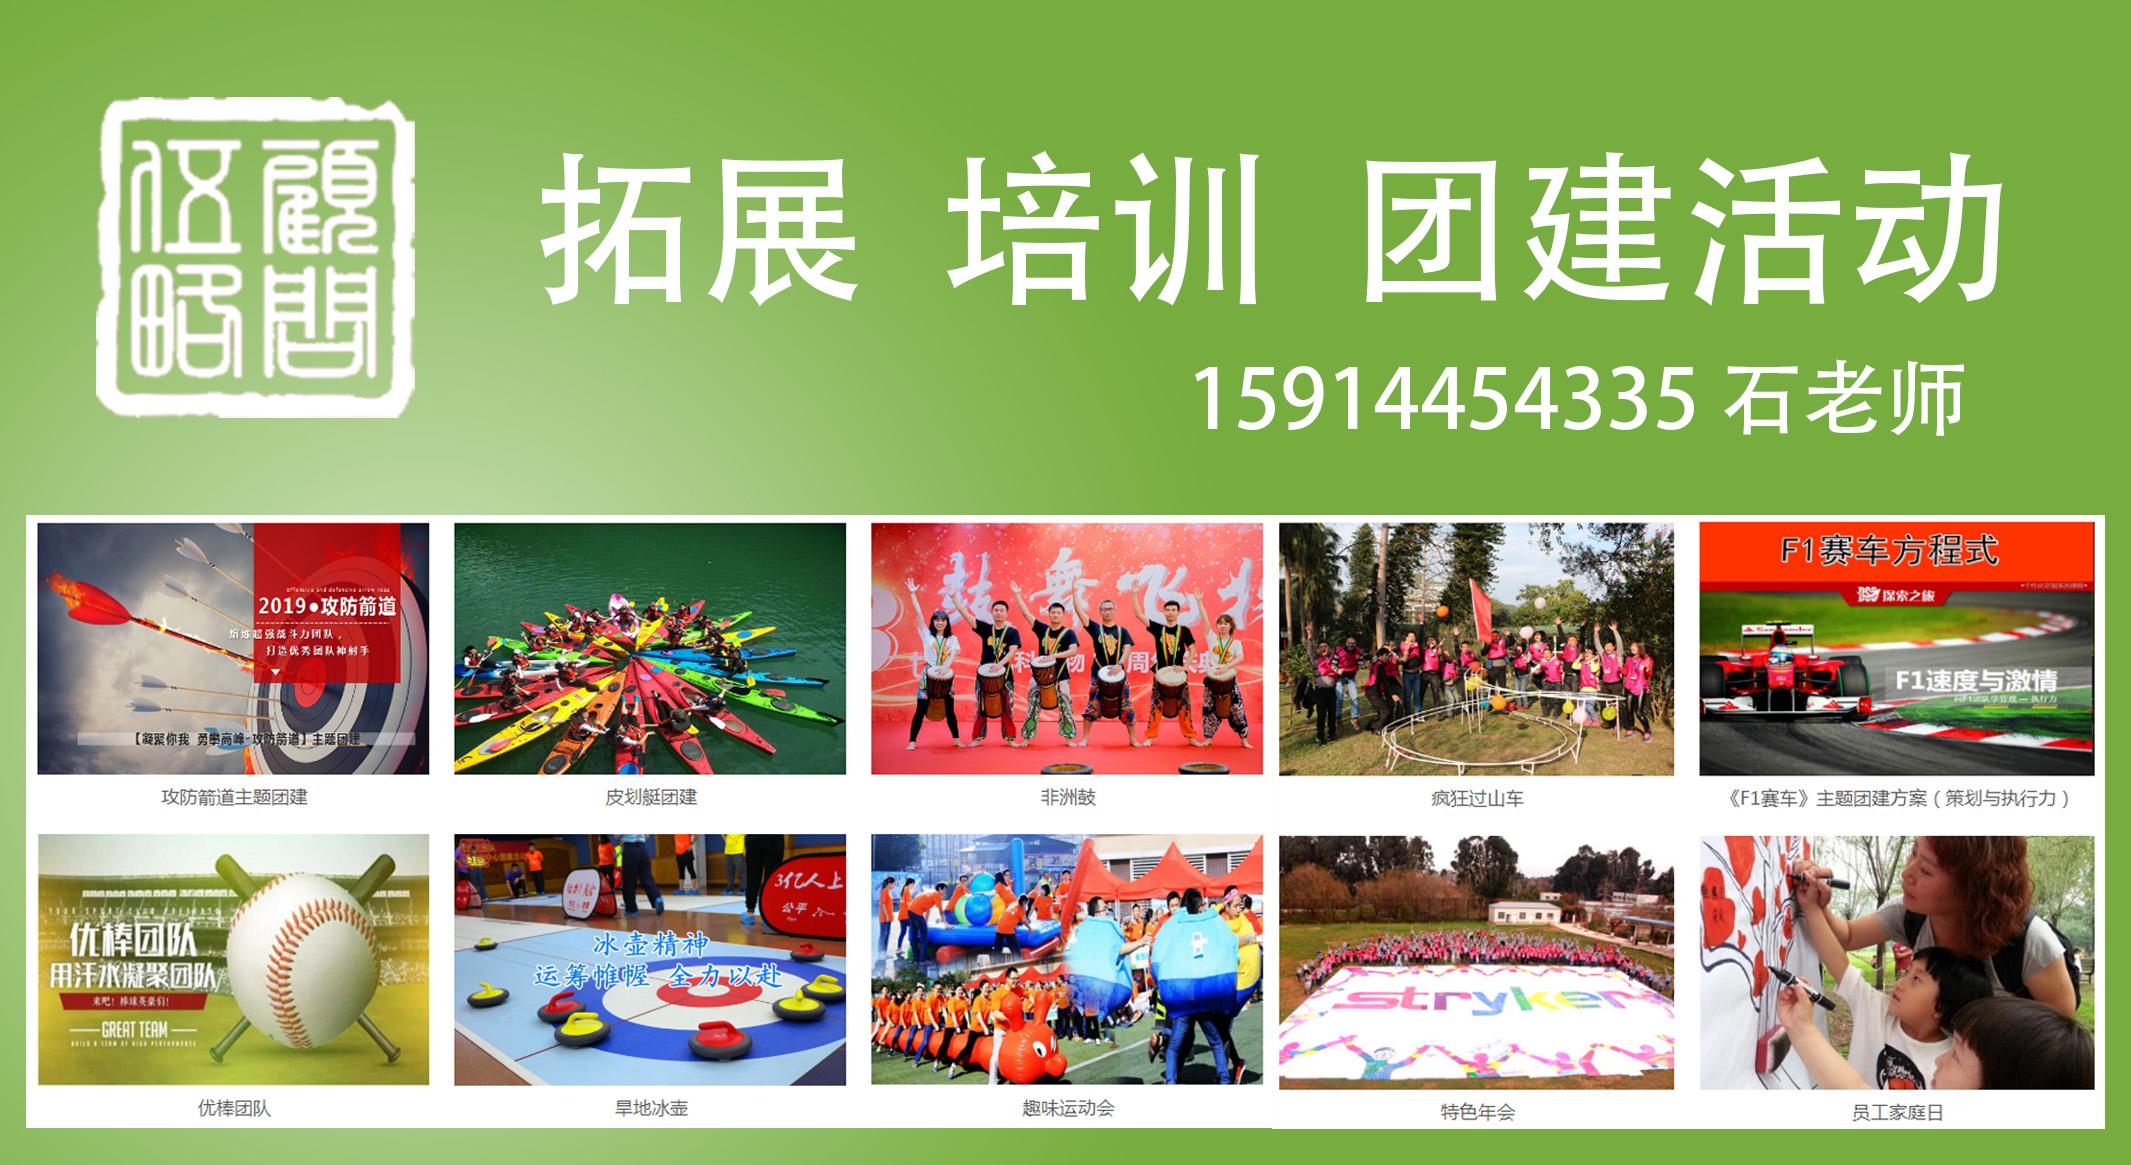 增城拓展团建多少钱_儿童拓展乐园相关-广州市伍略企业管理顾问有限公司